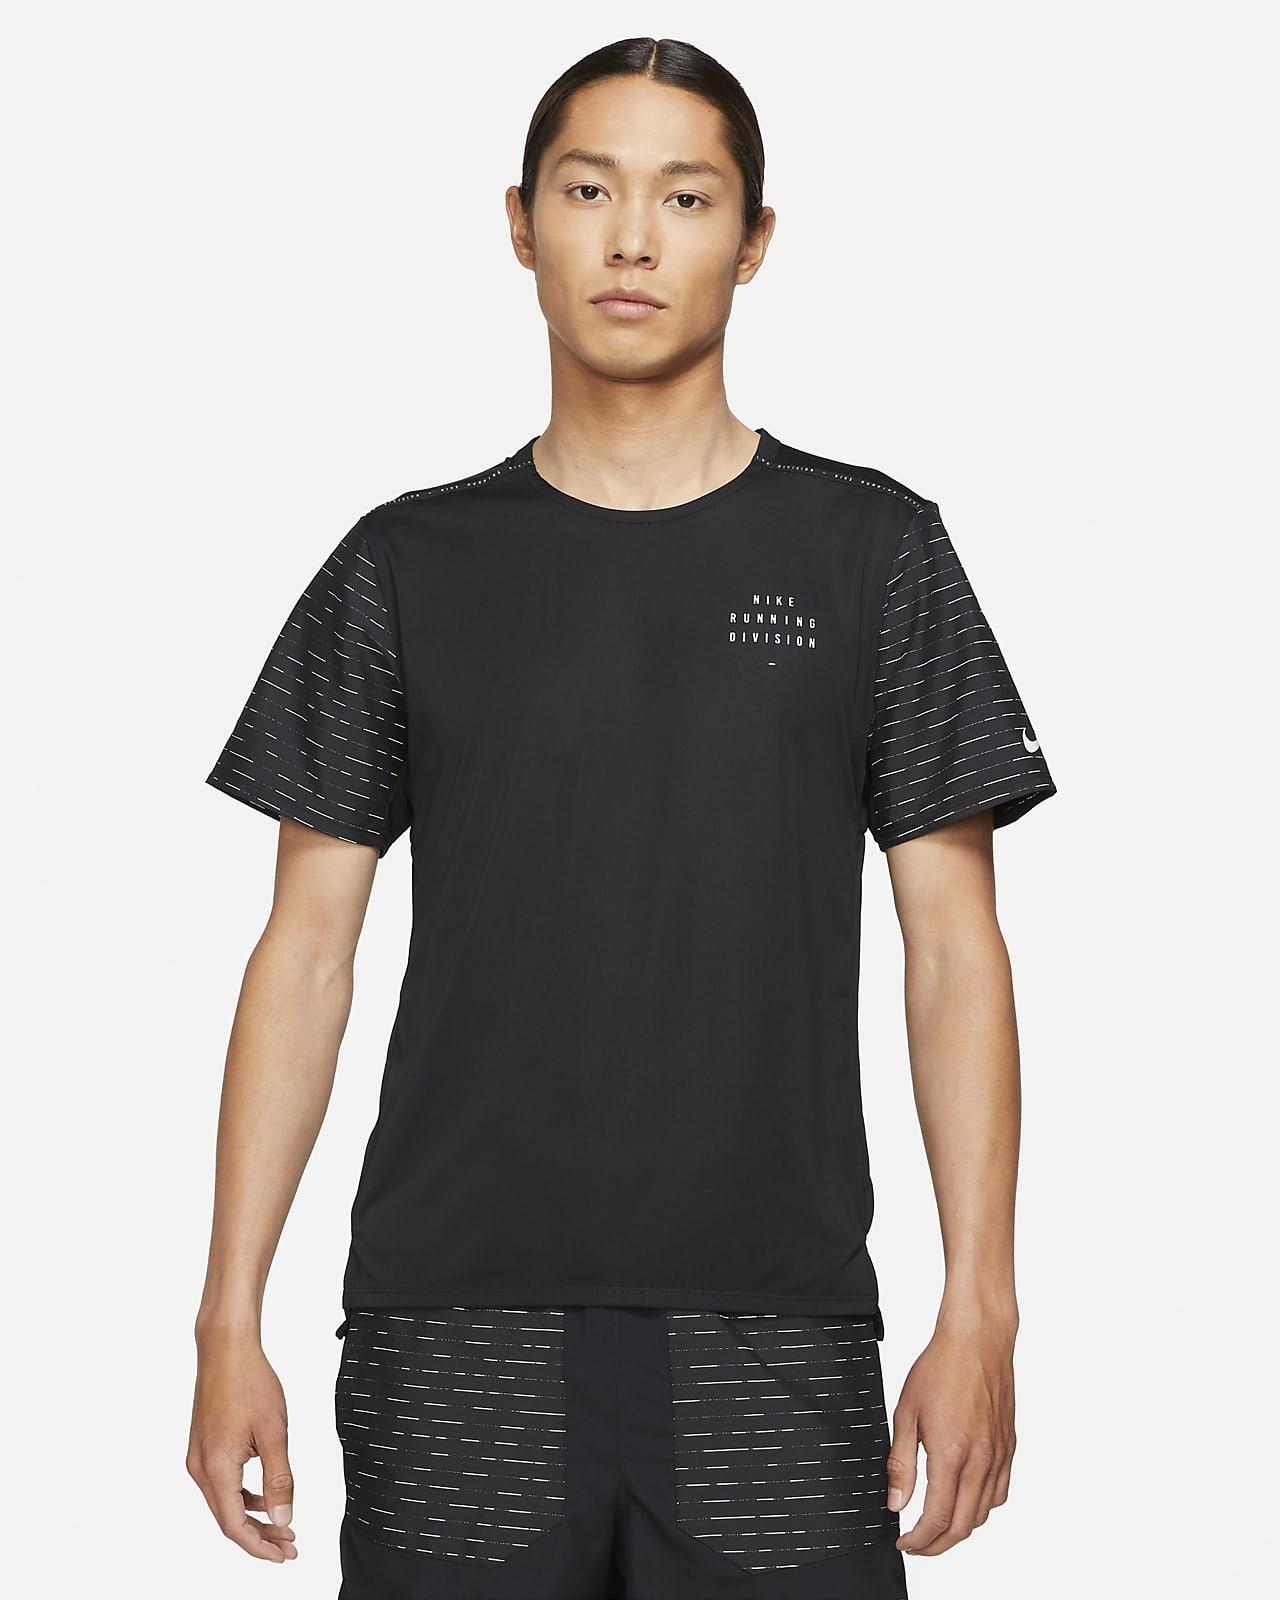 Nike Dri-FIT Rise 365 Run Division 男款短袖跑步上衣